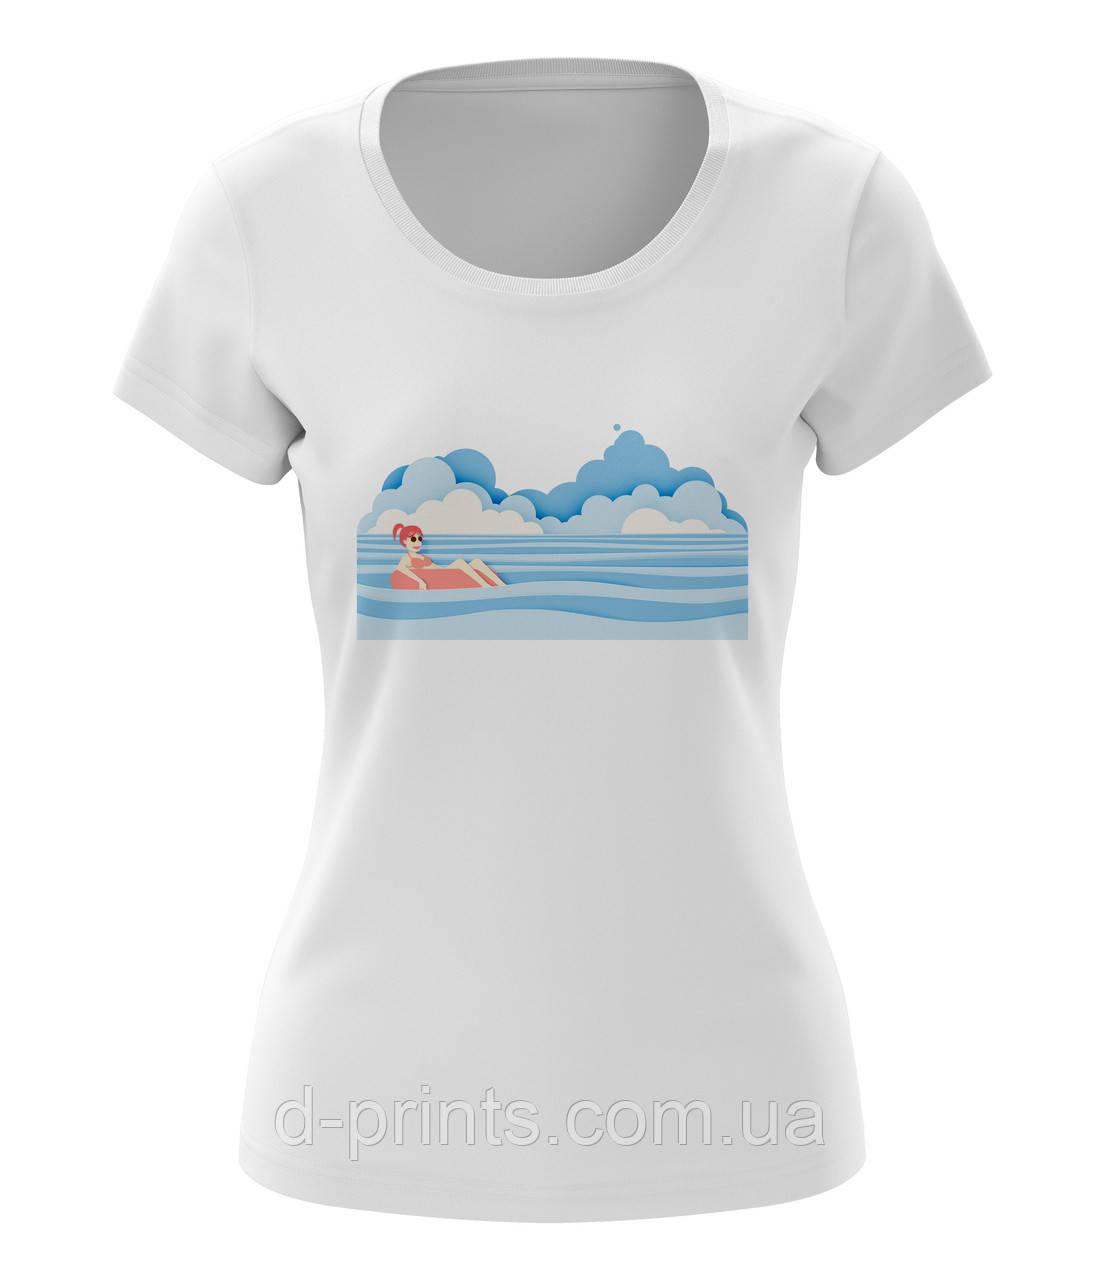 """Футболка жіноча з малюнком """"Море"""""""